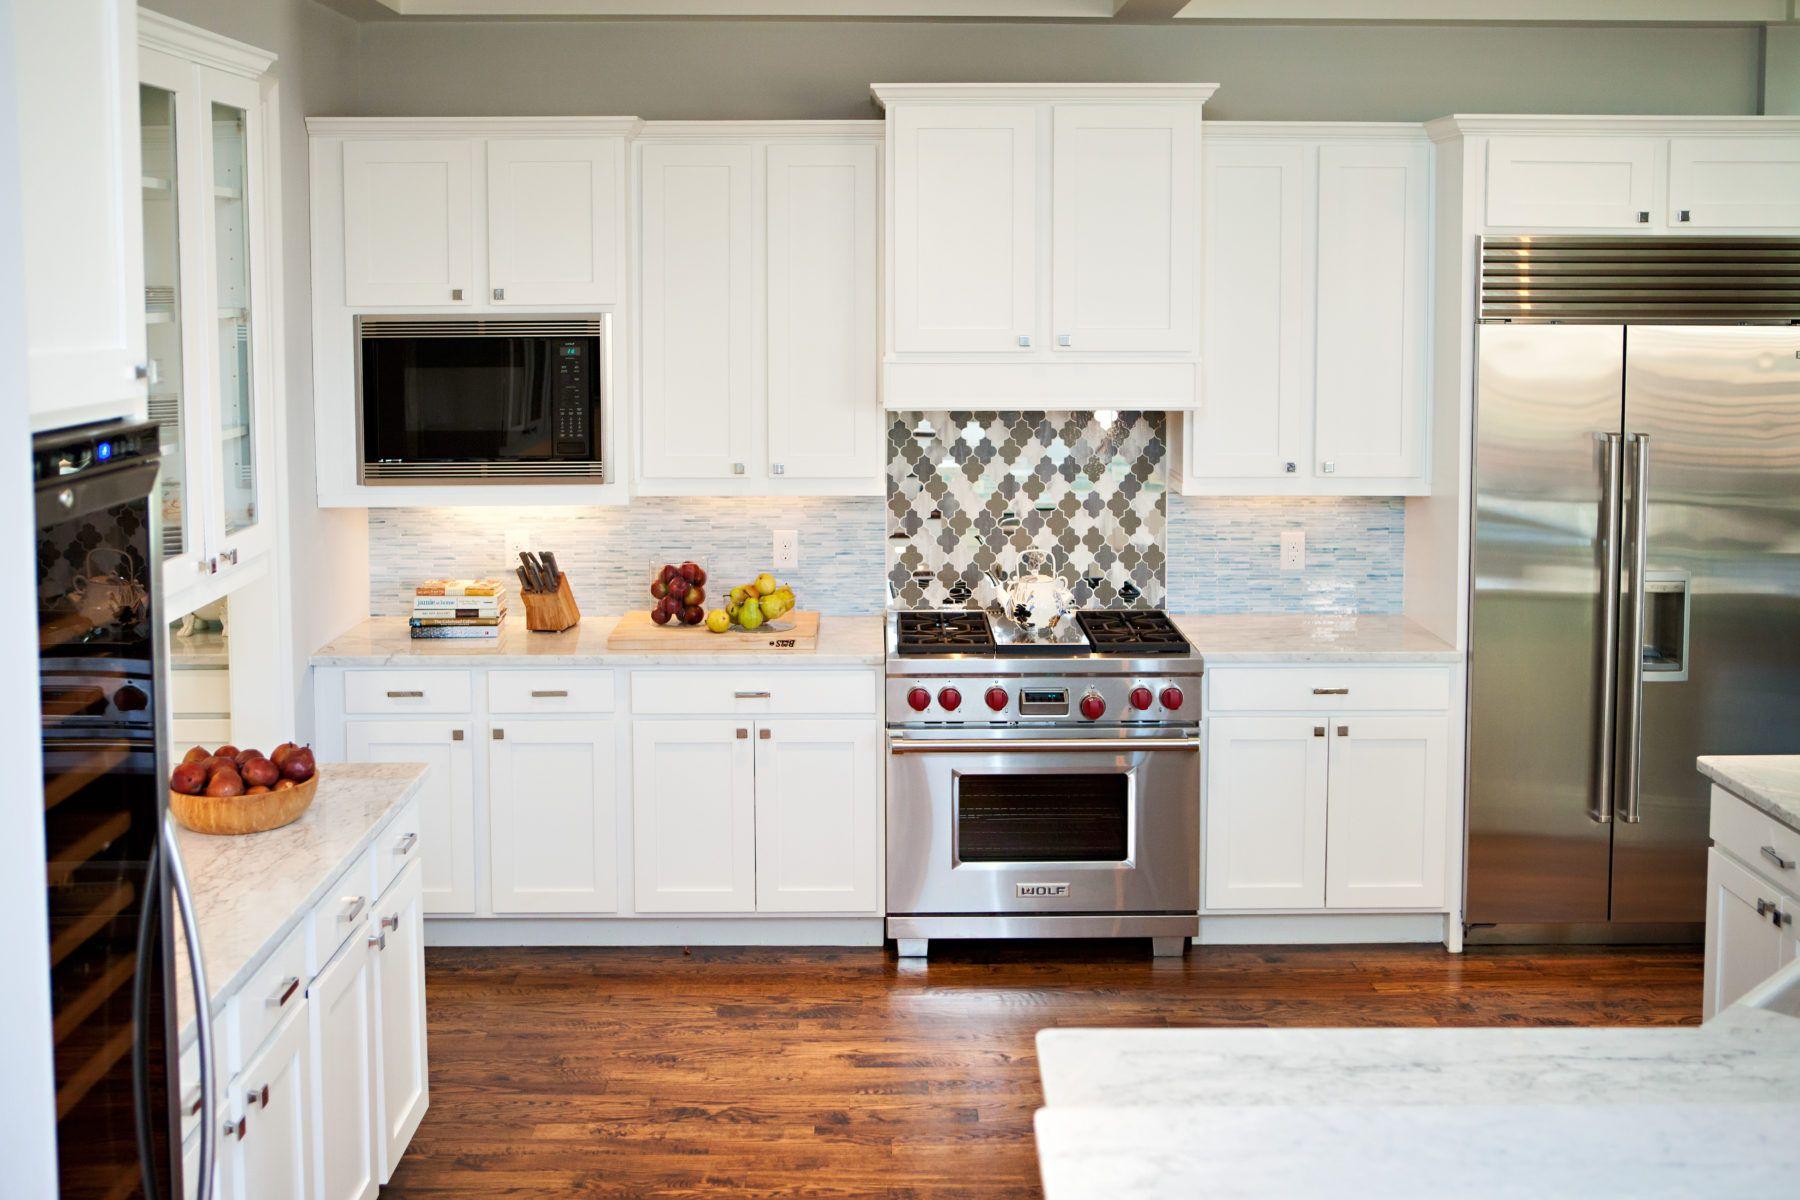 modern craftsman outdoor kitchen design layout kitchen layout kitchen backsplash on outdoor kitchen backsplash id=27810